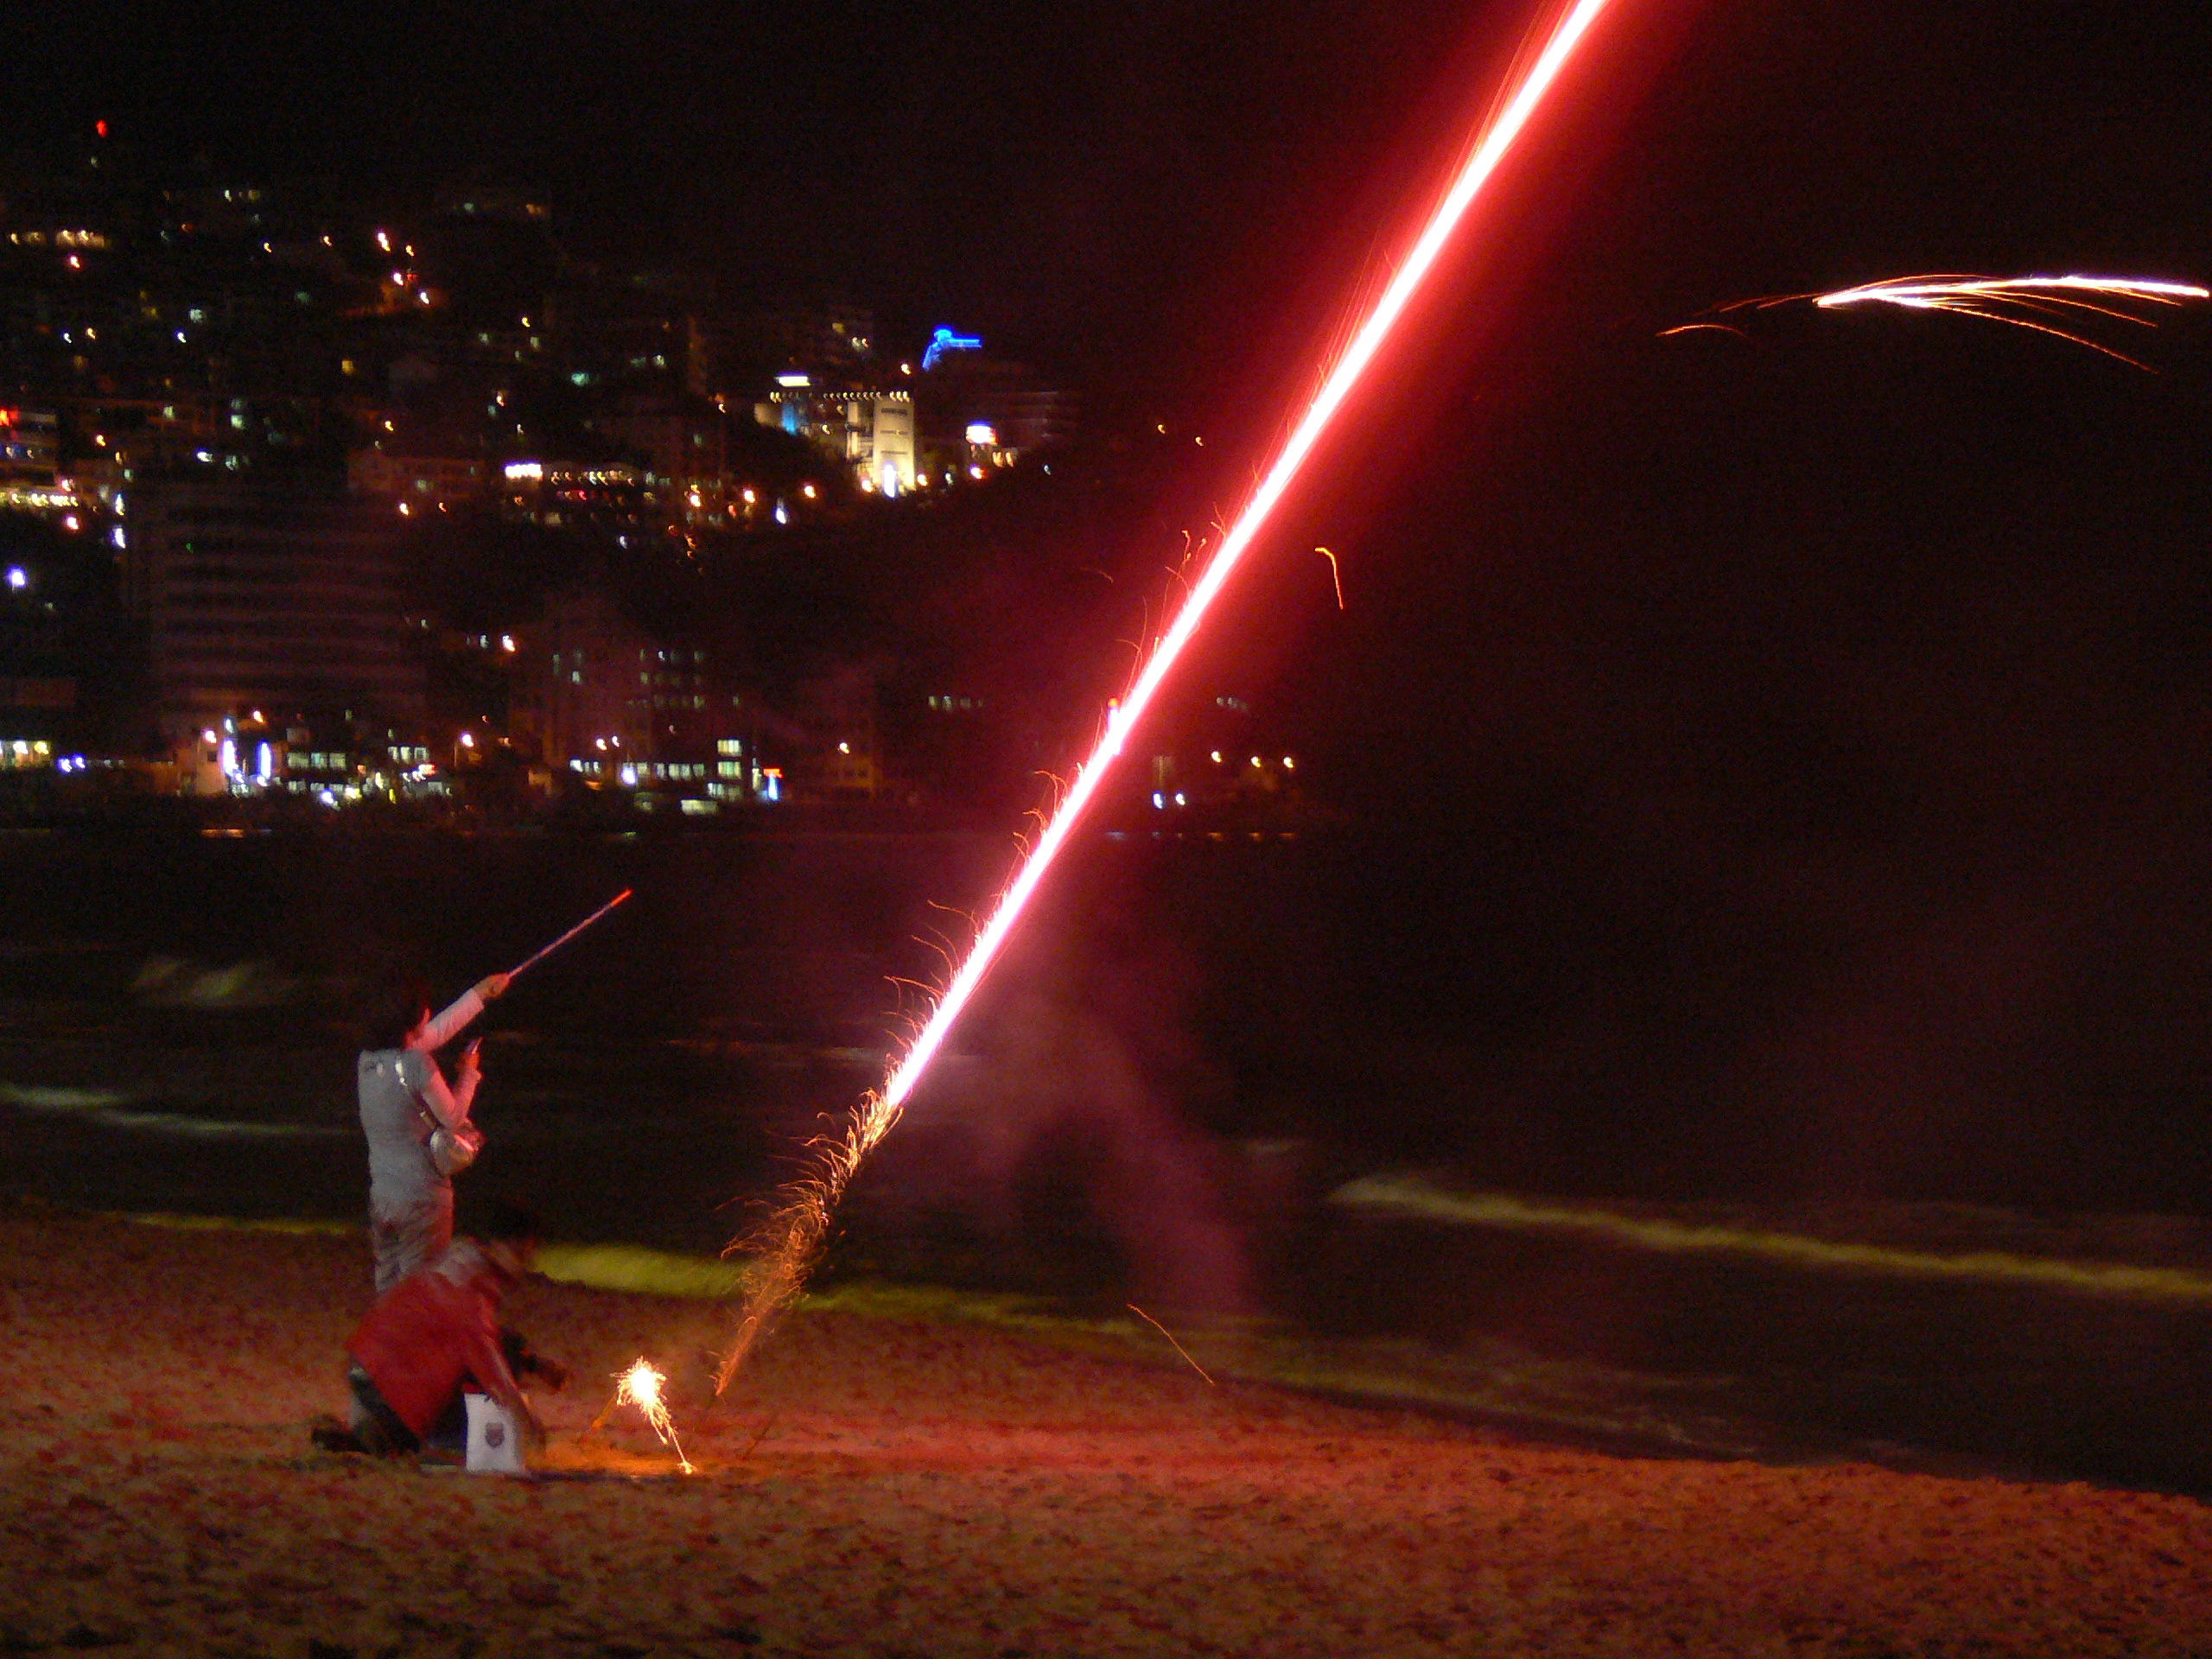 engenharia por trás dos fogos de artifício